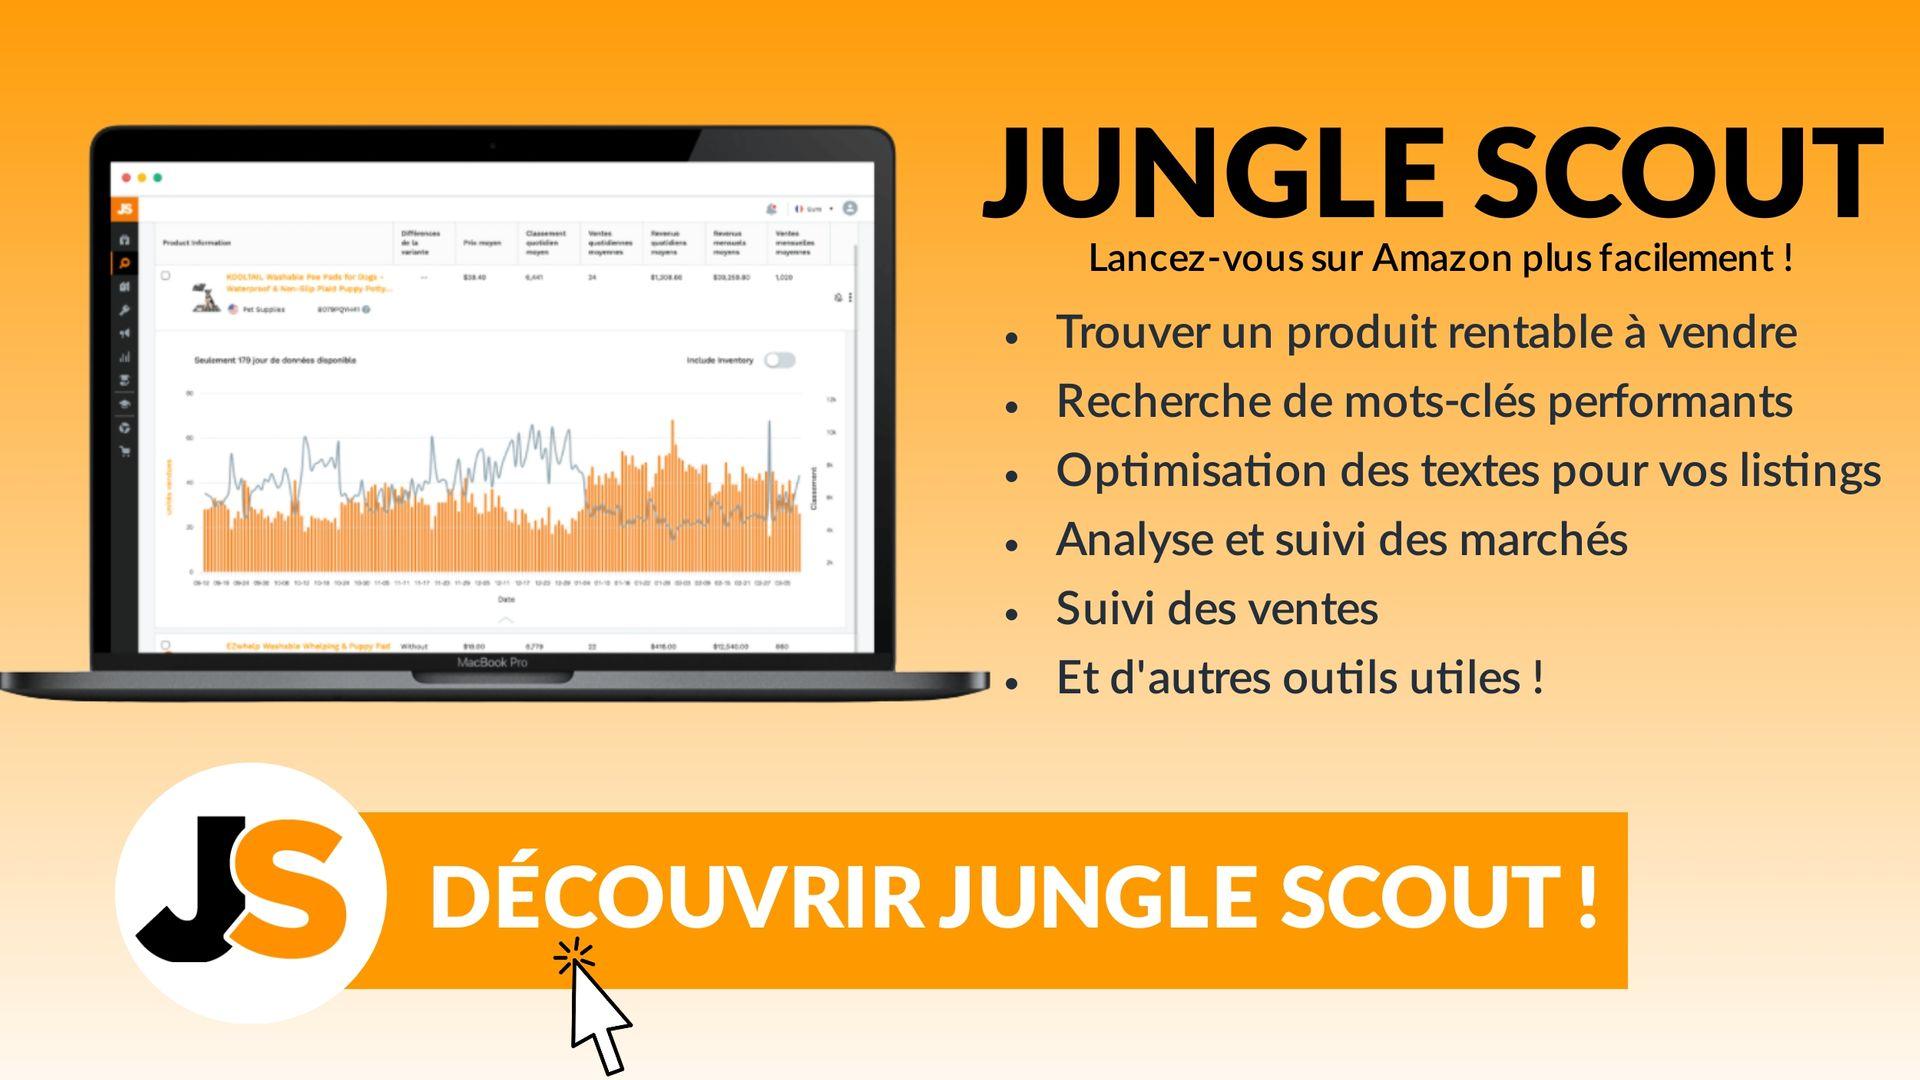 Jungle scout Intellifox